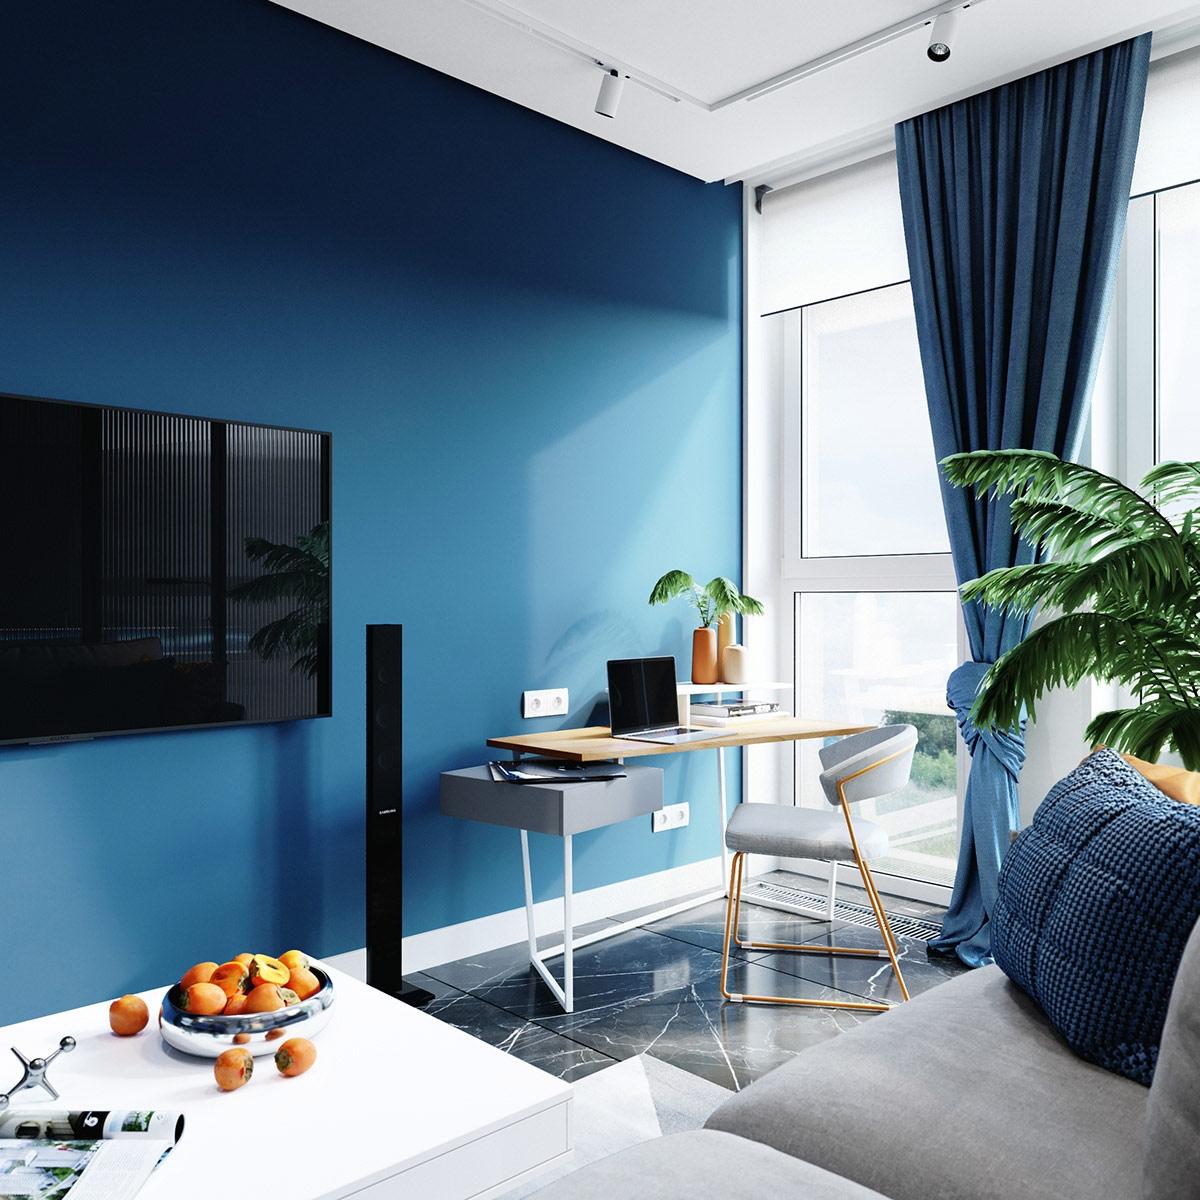 Bức tường màu xanh tiếp tục phía sau bàn làm việc tại nhà.